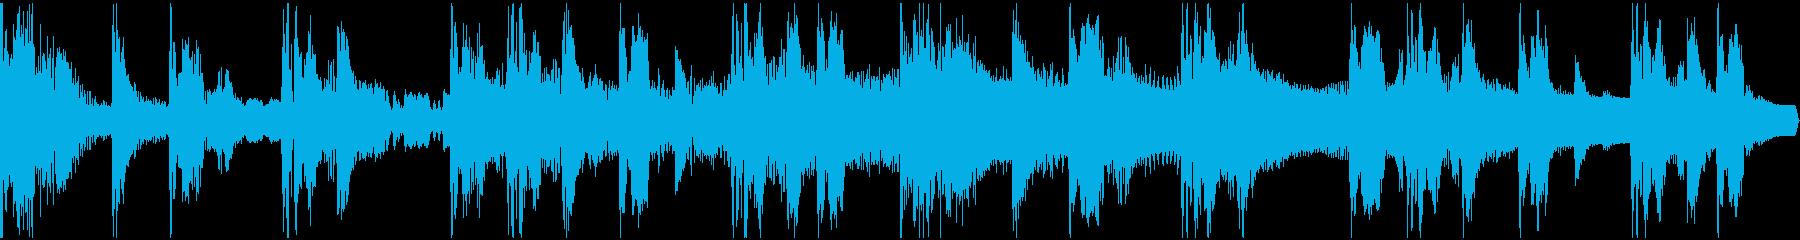 【エレクトロニカ】ロング3、ショート2の再生済みの波形